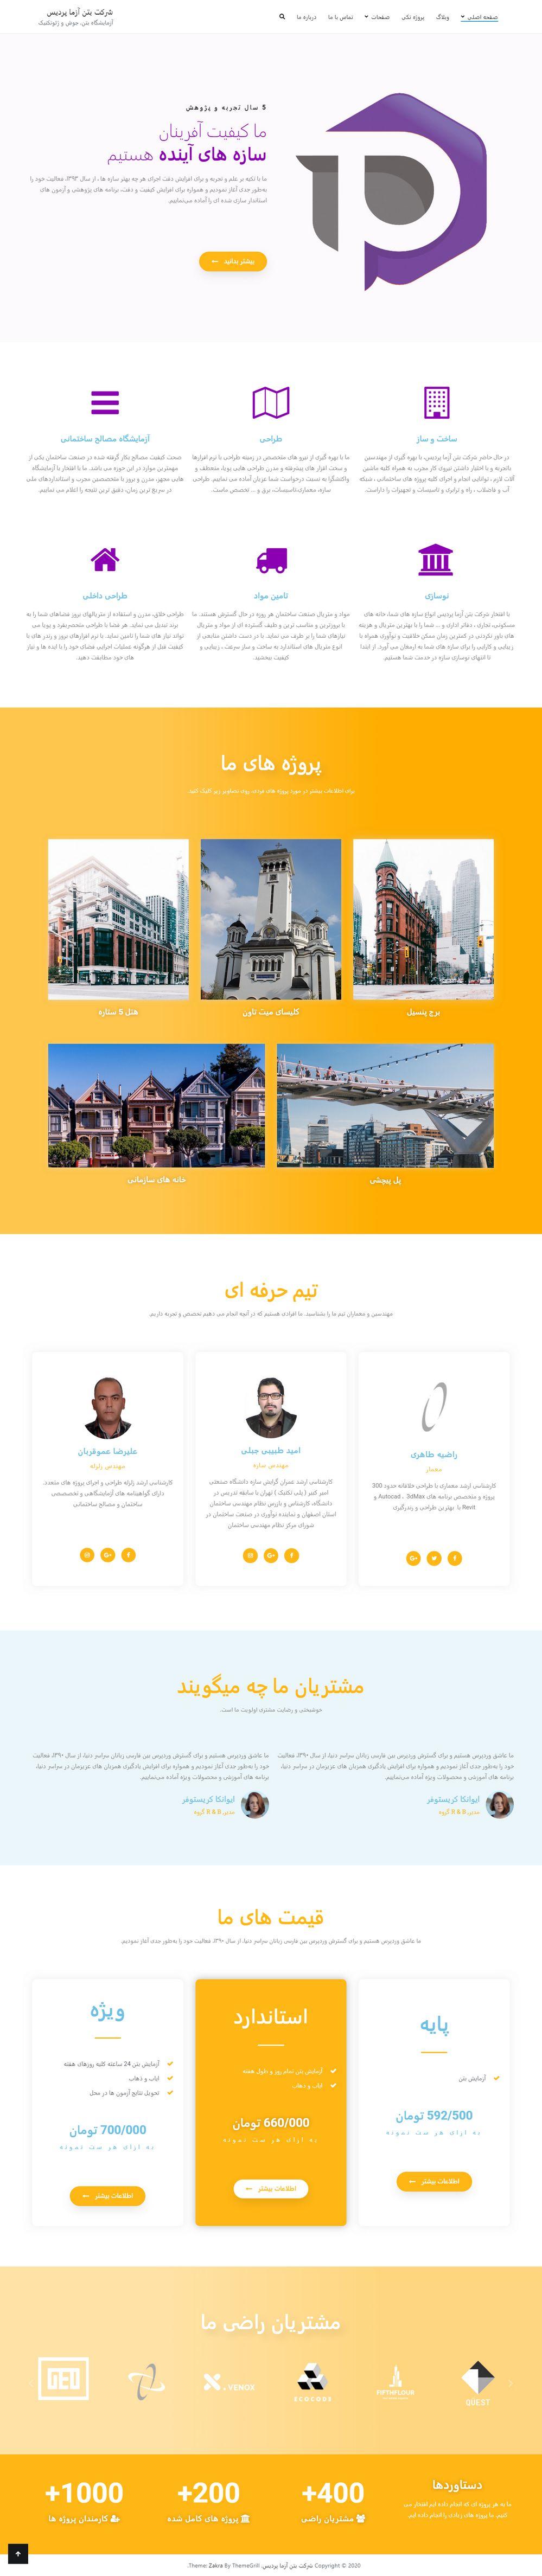 طراحی سایت شرکت بتن آزما پردیس